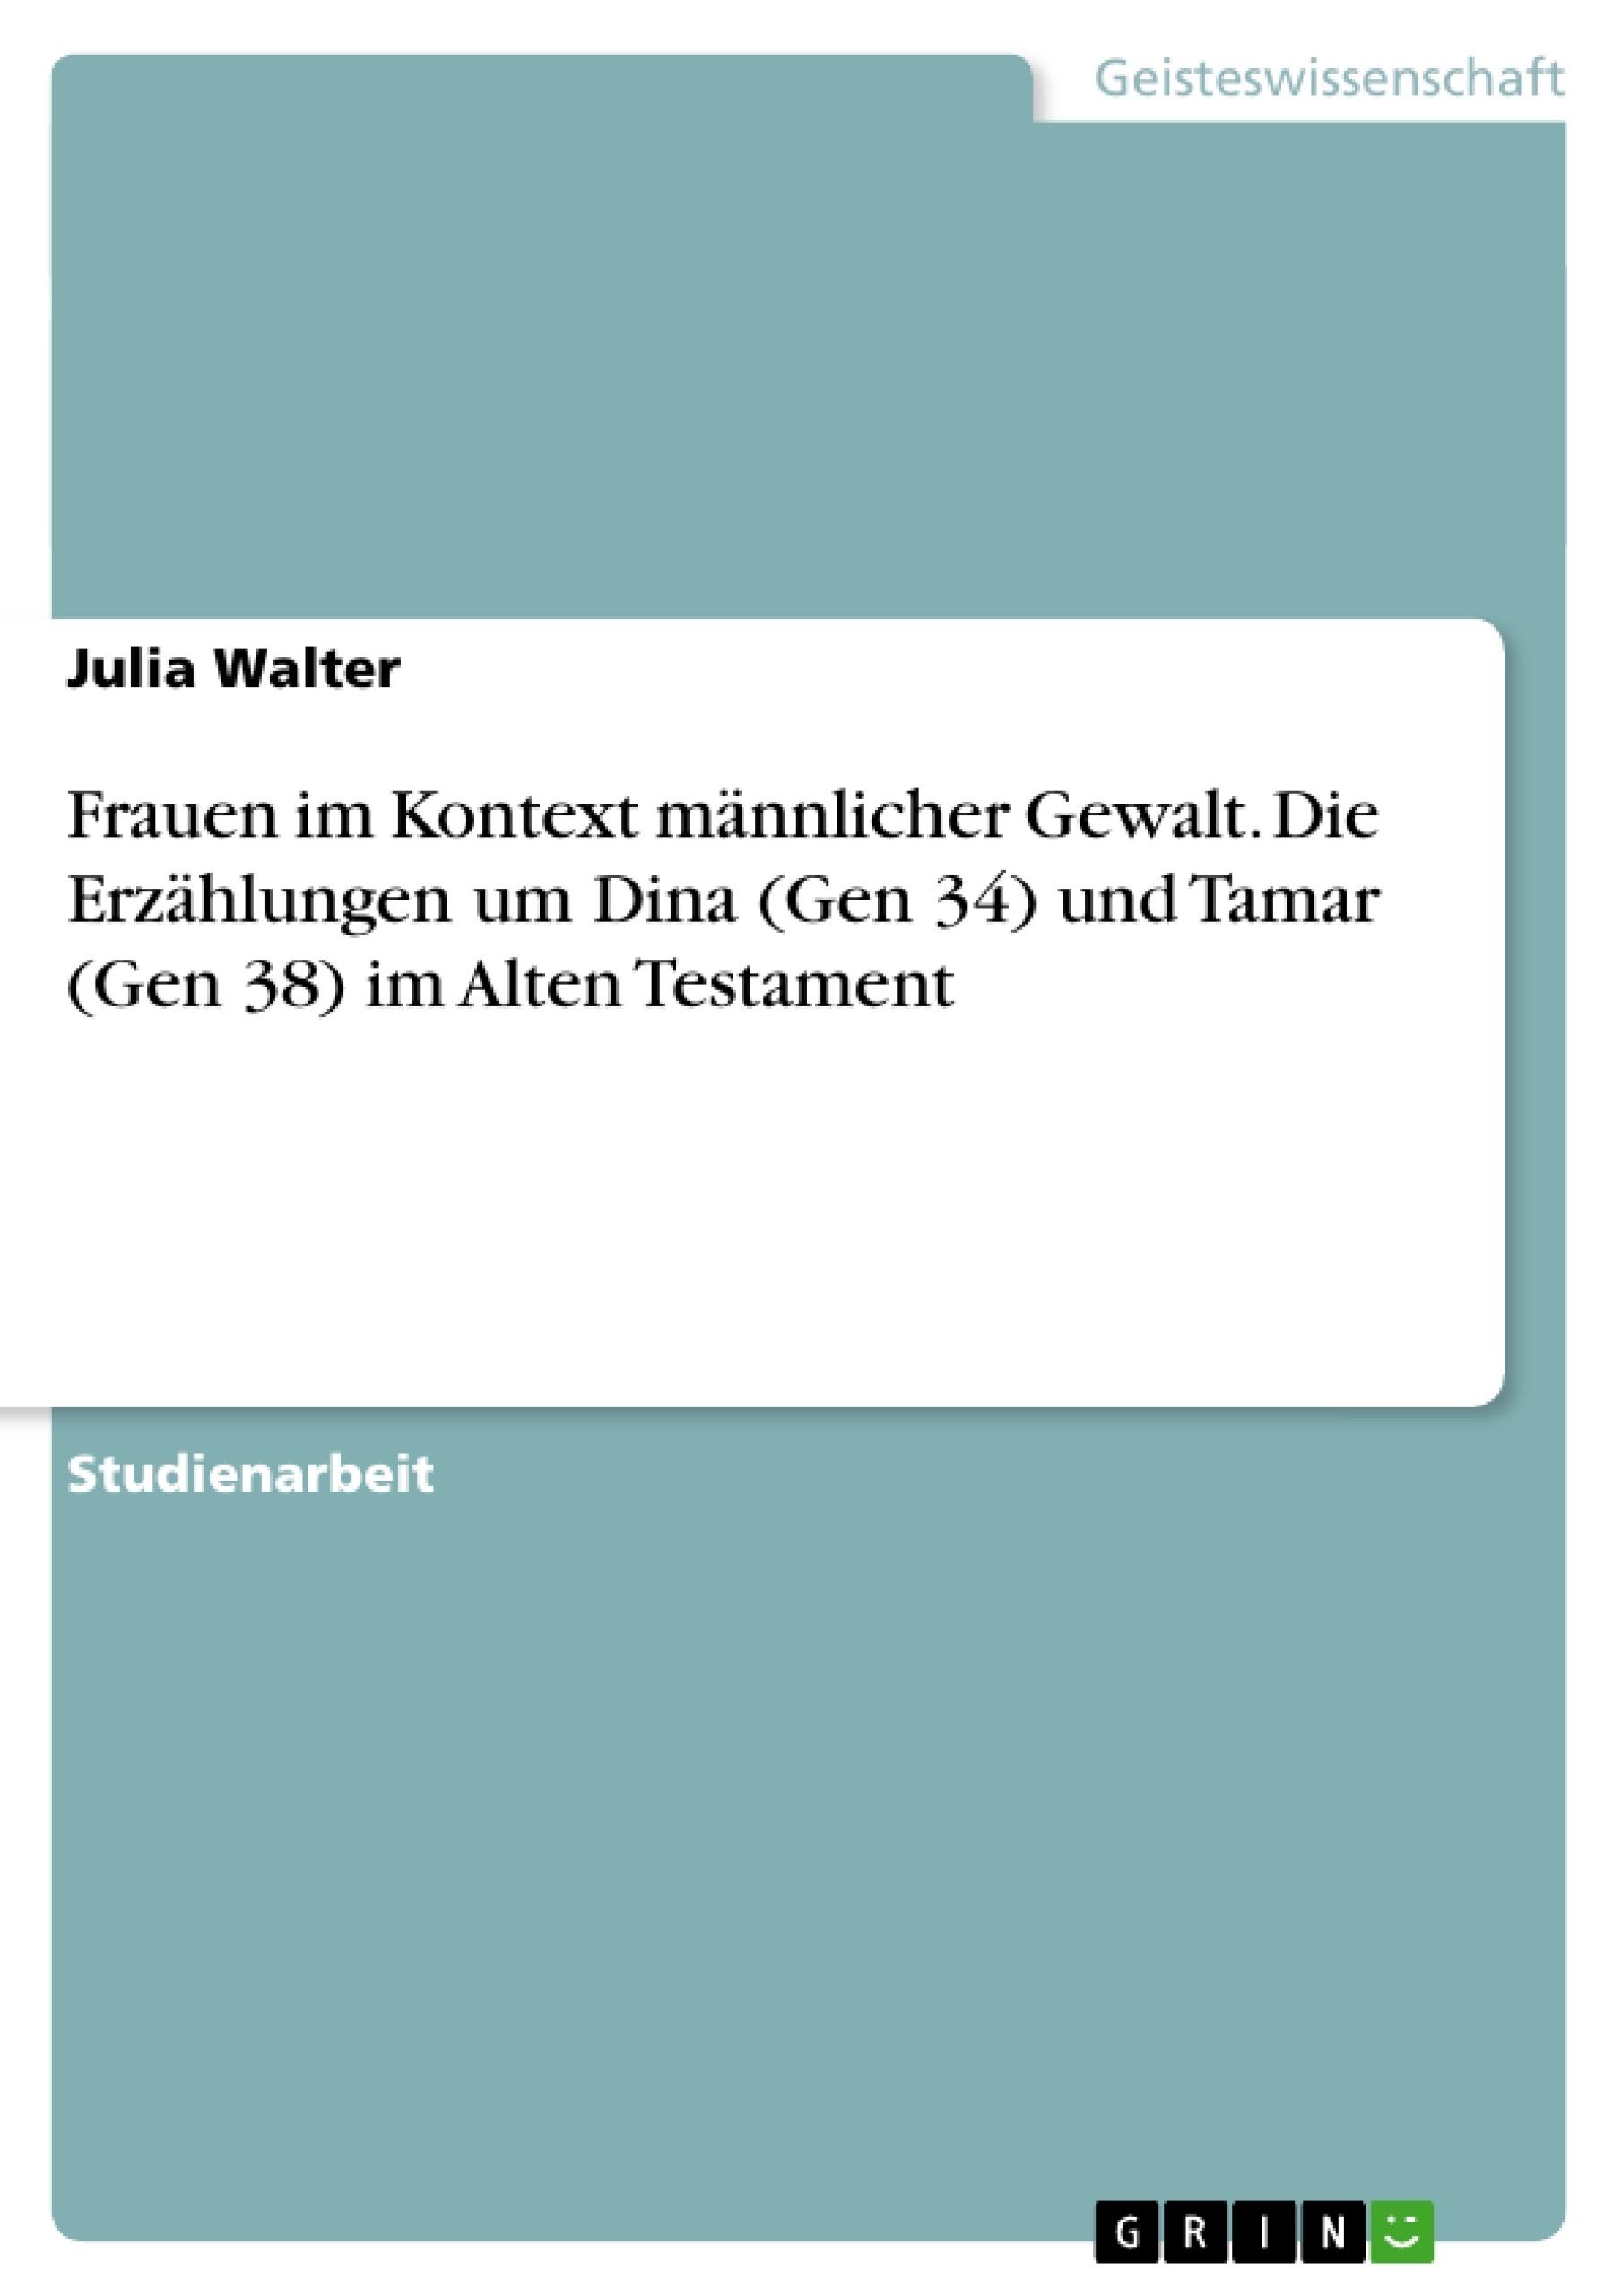 Titel: Frauen im Kontext männlicher Gewalt. Die Erzählungen um Dina (Gen 34) und Tamar (Gen 38) im Alten Testament